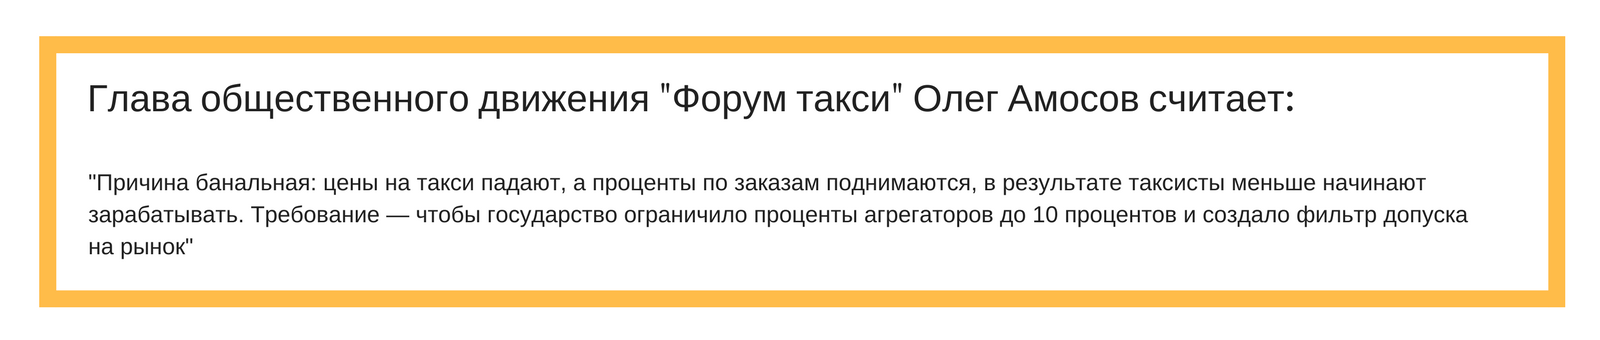 Олег Амосов Форум такси